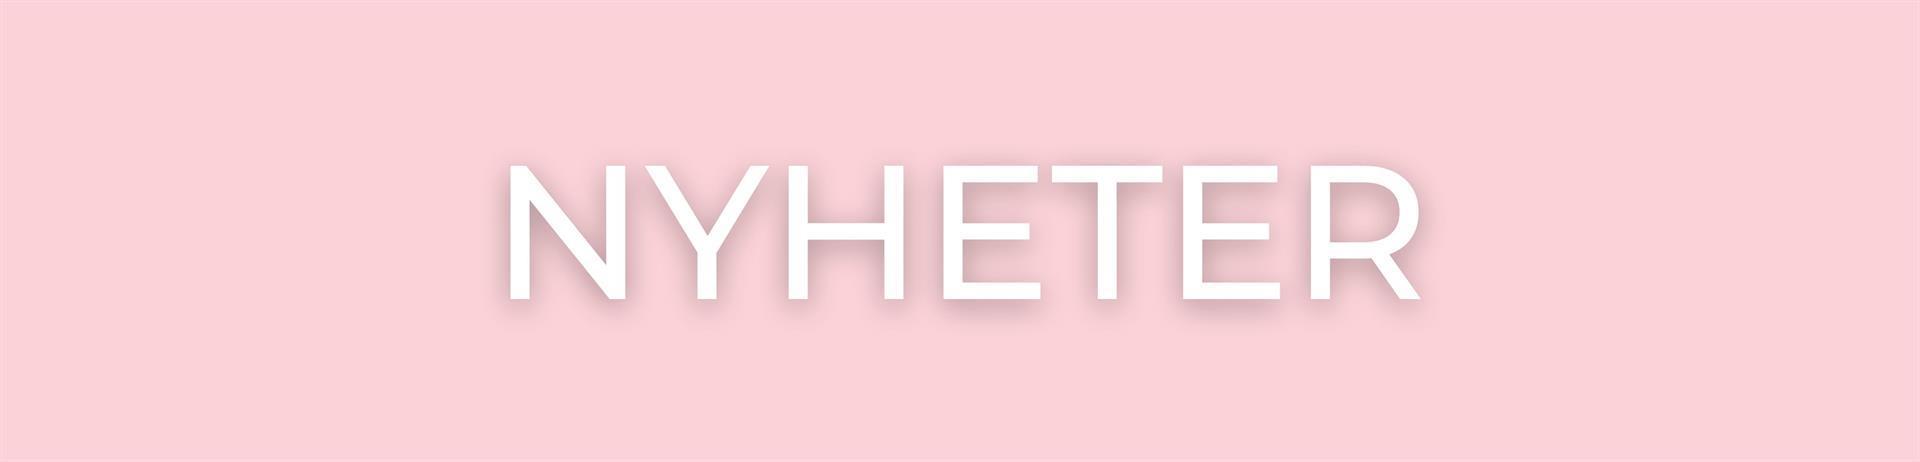 Askepott Interiør - Nyheter banner